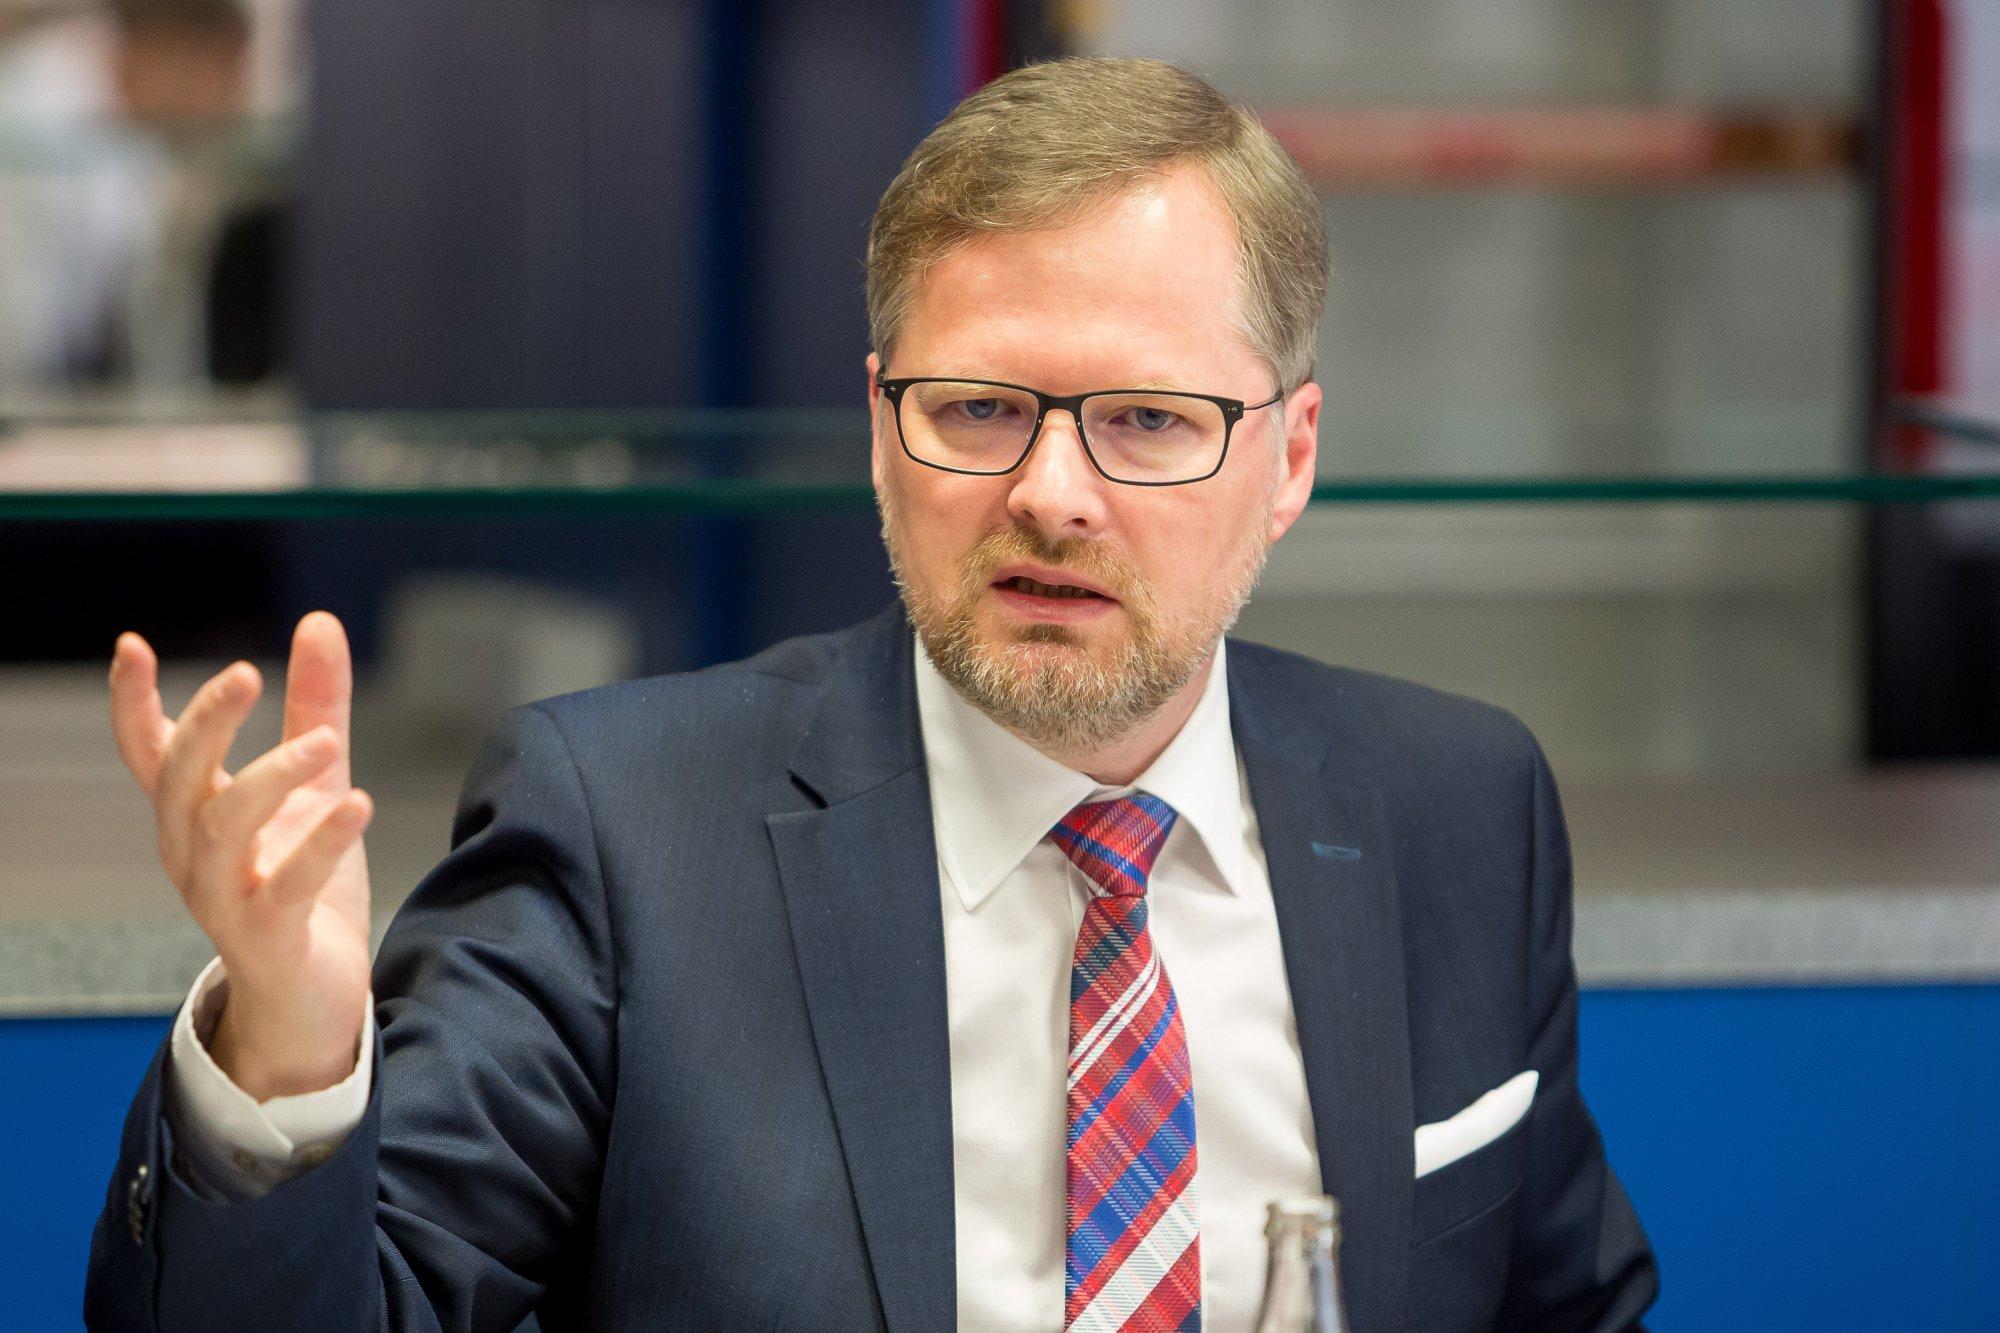 Petr Fiala: Komentář ke jmenování Tomáše Petříčka ministrem zahraničí